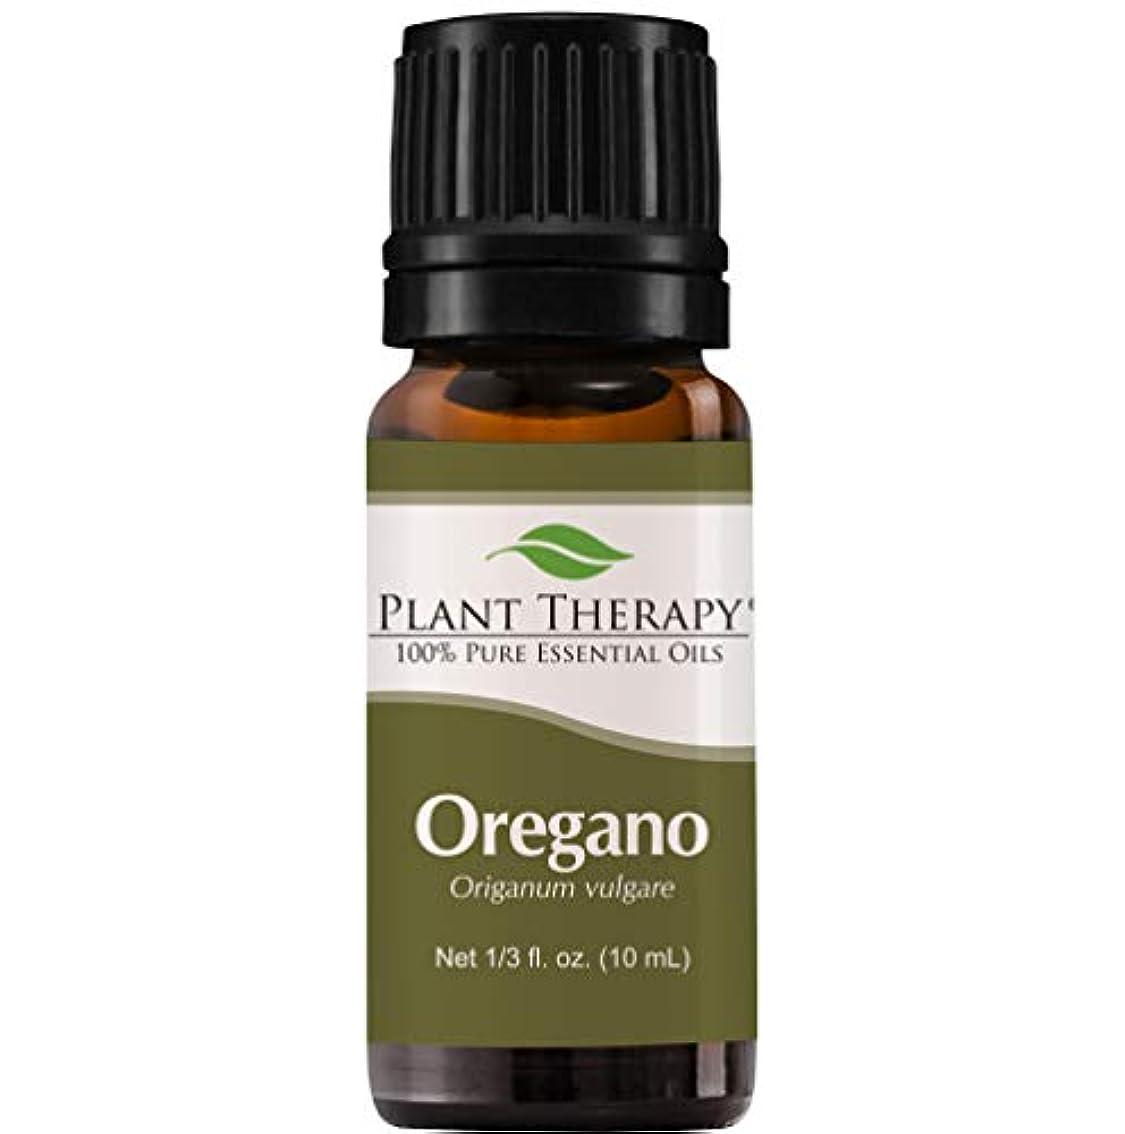 追い付く土器衣服Plant Therapy Essential Oils (プラントセラピー エッセンシャルオイル) オレガノ (オリガヌム) エッセンシャルオイル